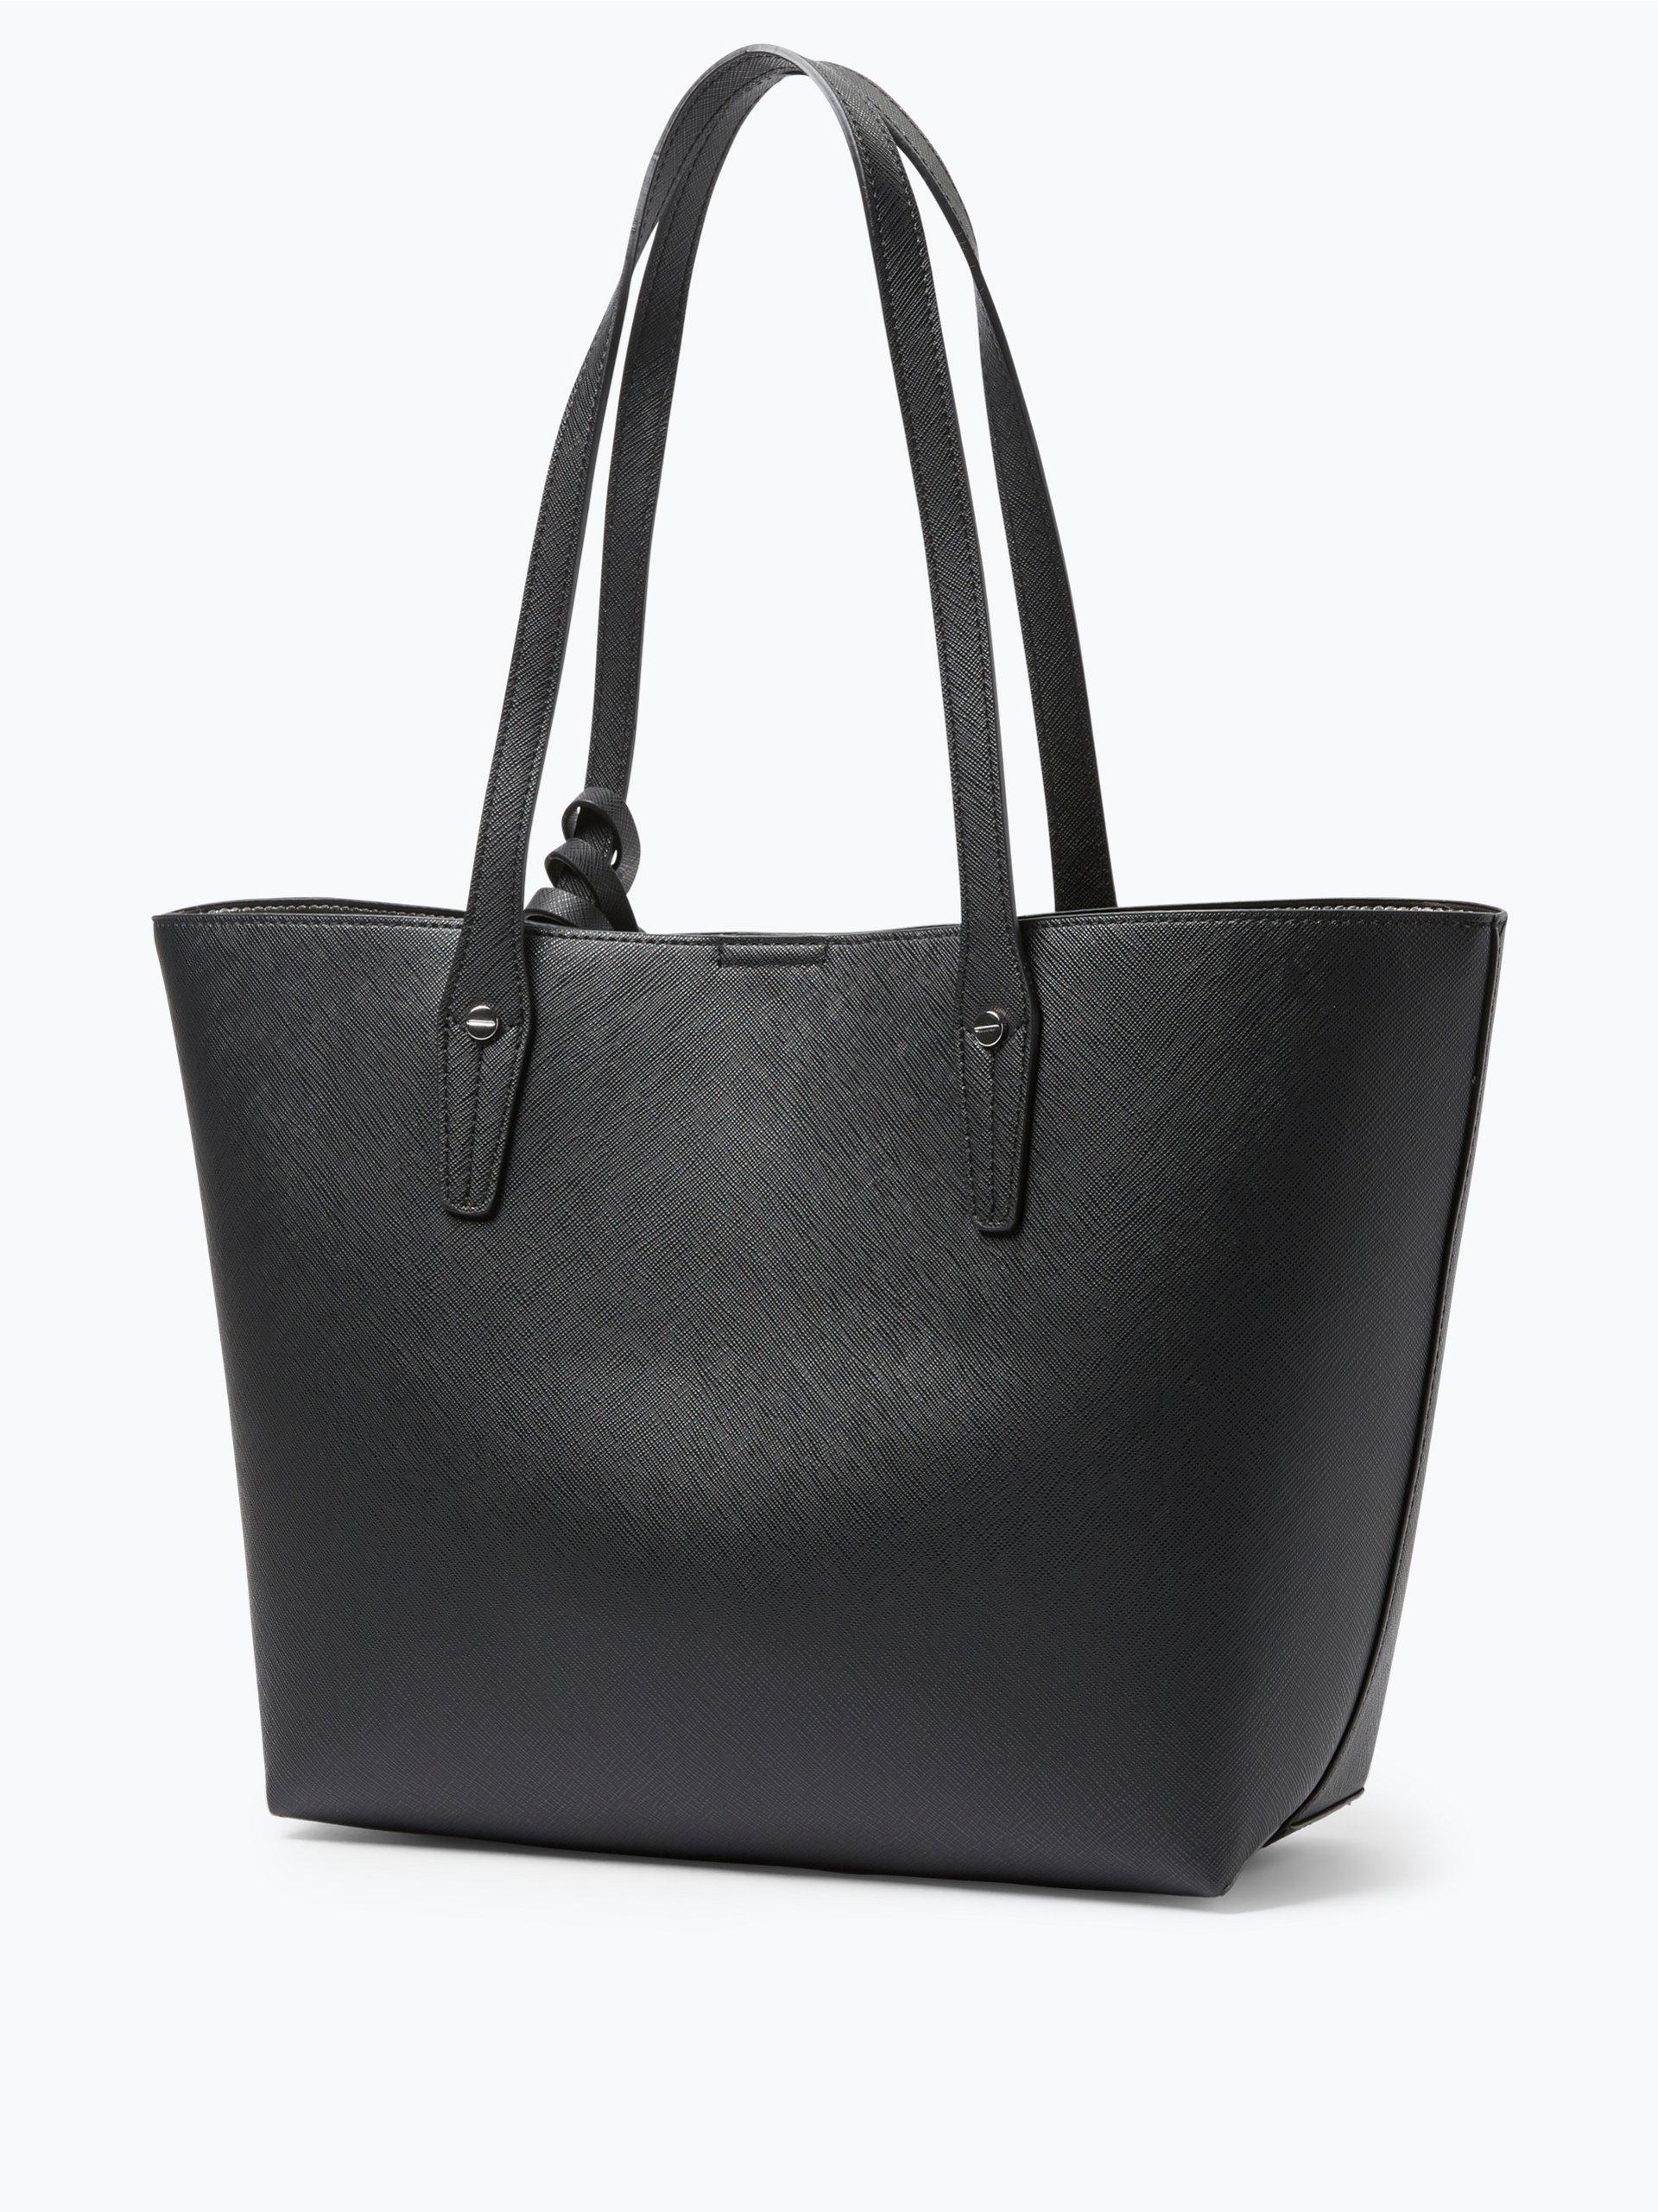 l credi damen shopper mit handtasche palma schwarz uni online kaufen peek und cloppenburg de. Black Bedroom Furniture Sets. Home Design Ideas